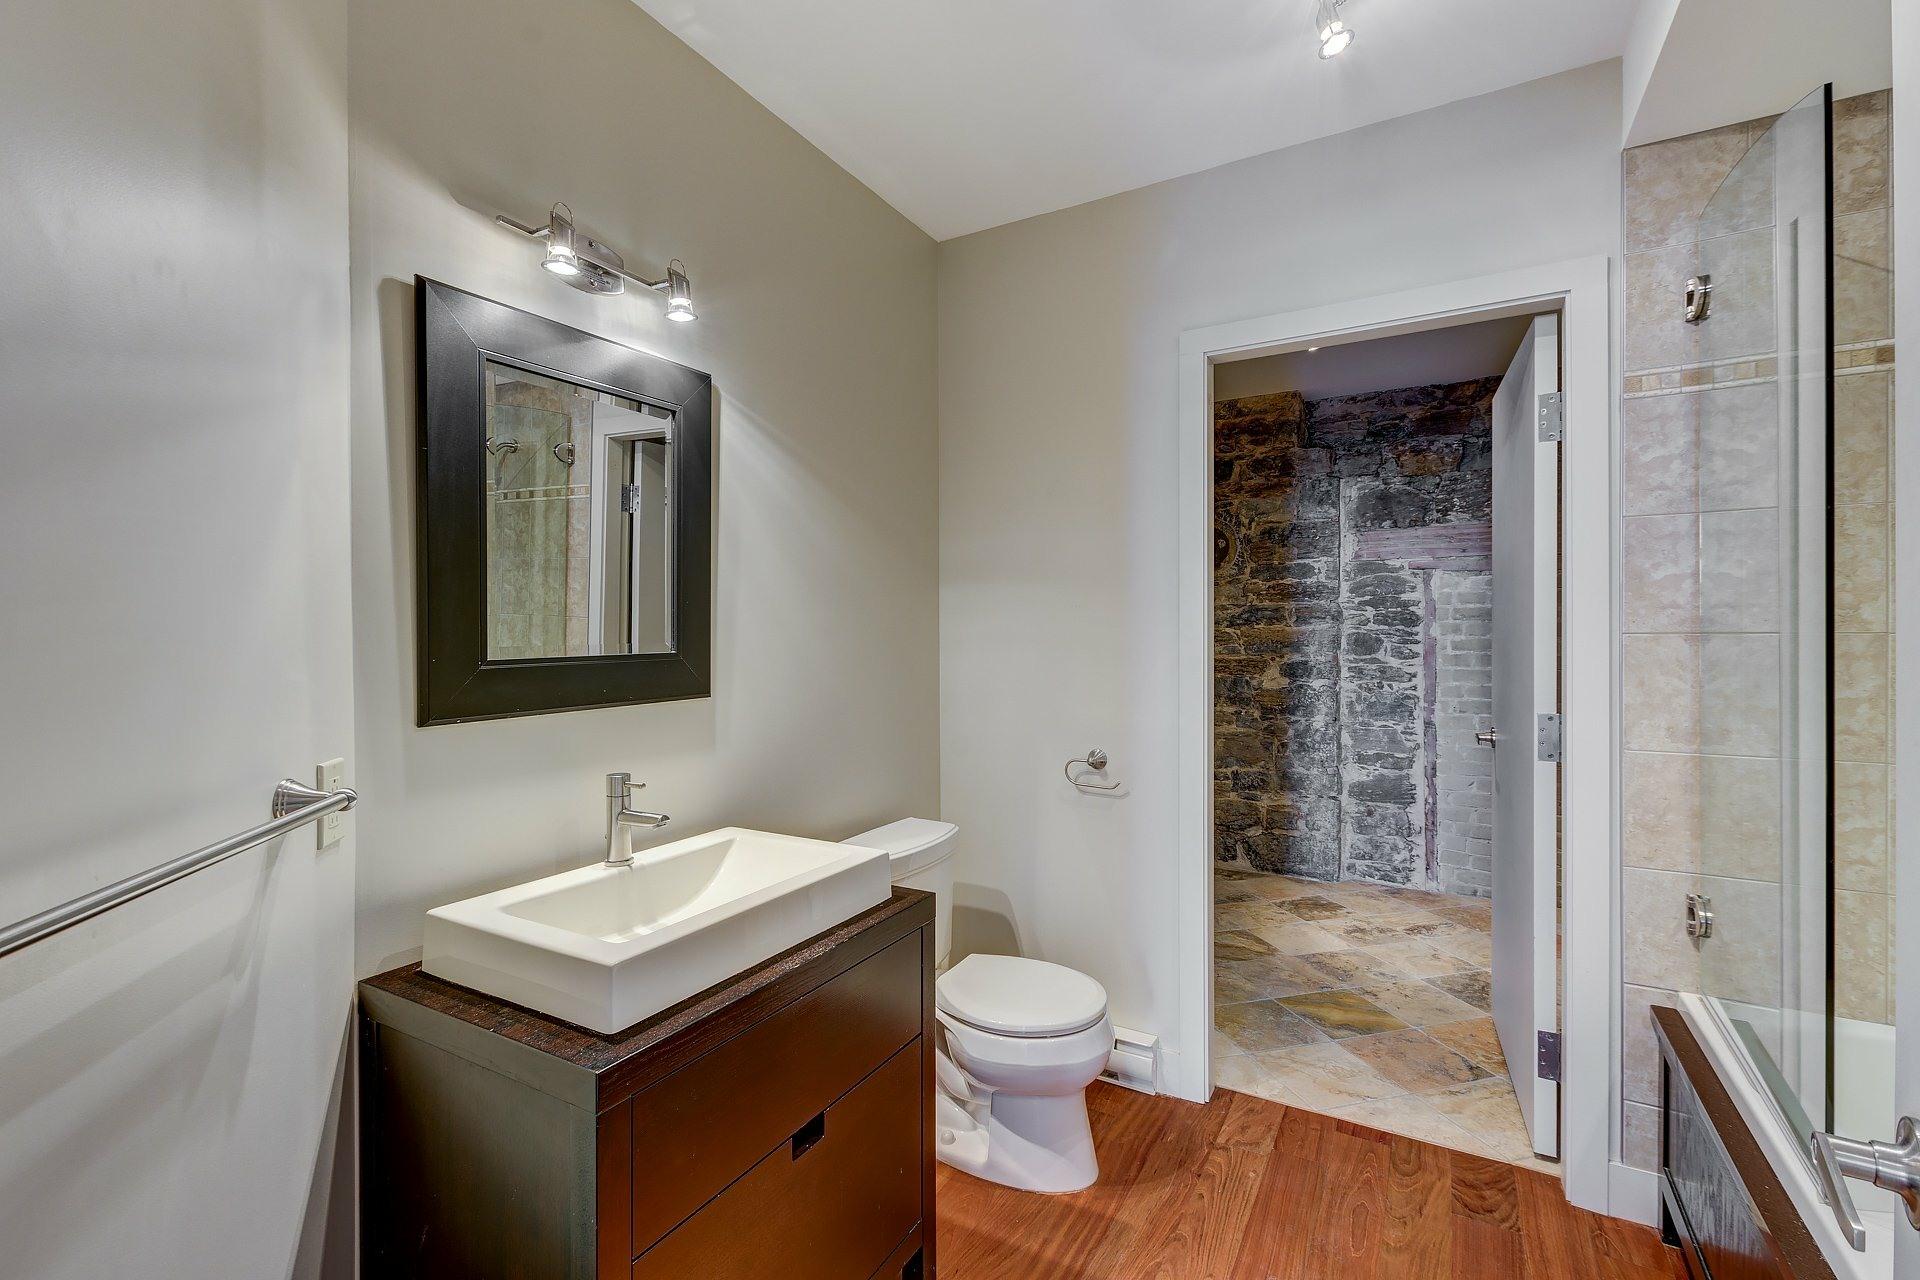 image 11 - Appartement À louer Ville-Marie Montréal  - 3 pièces